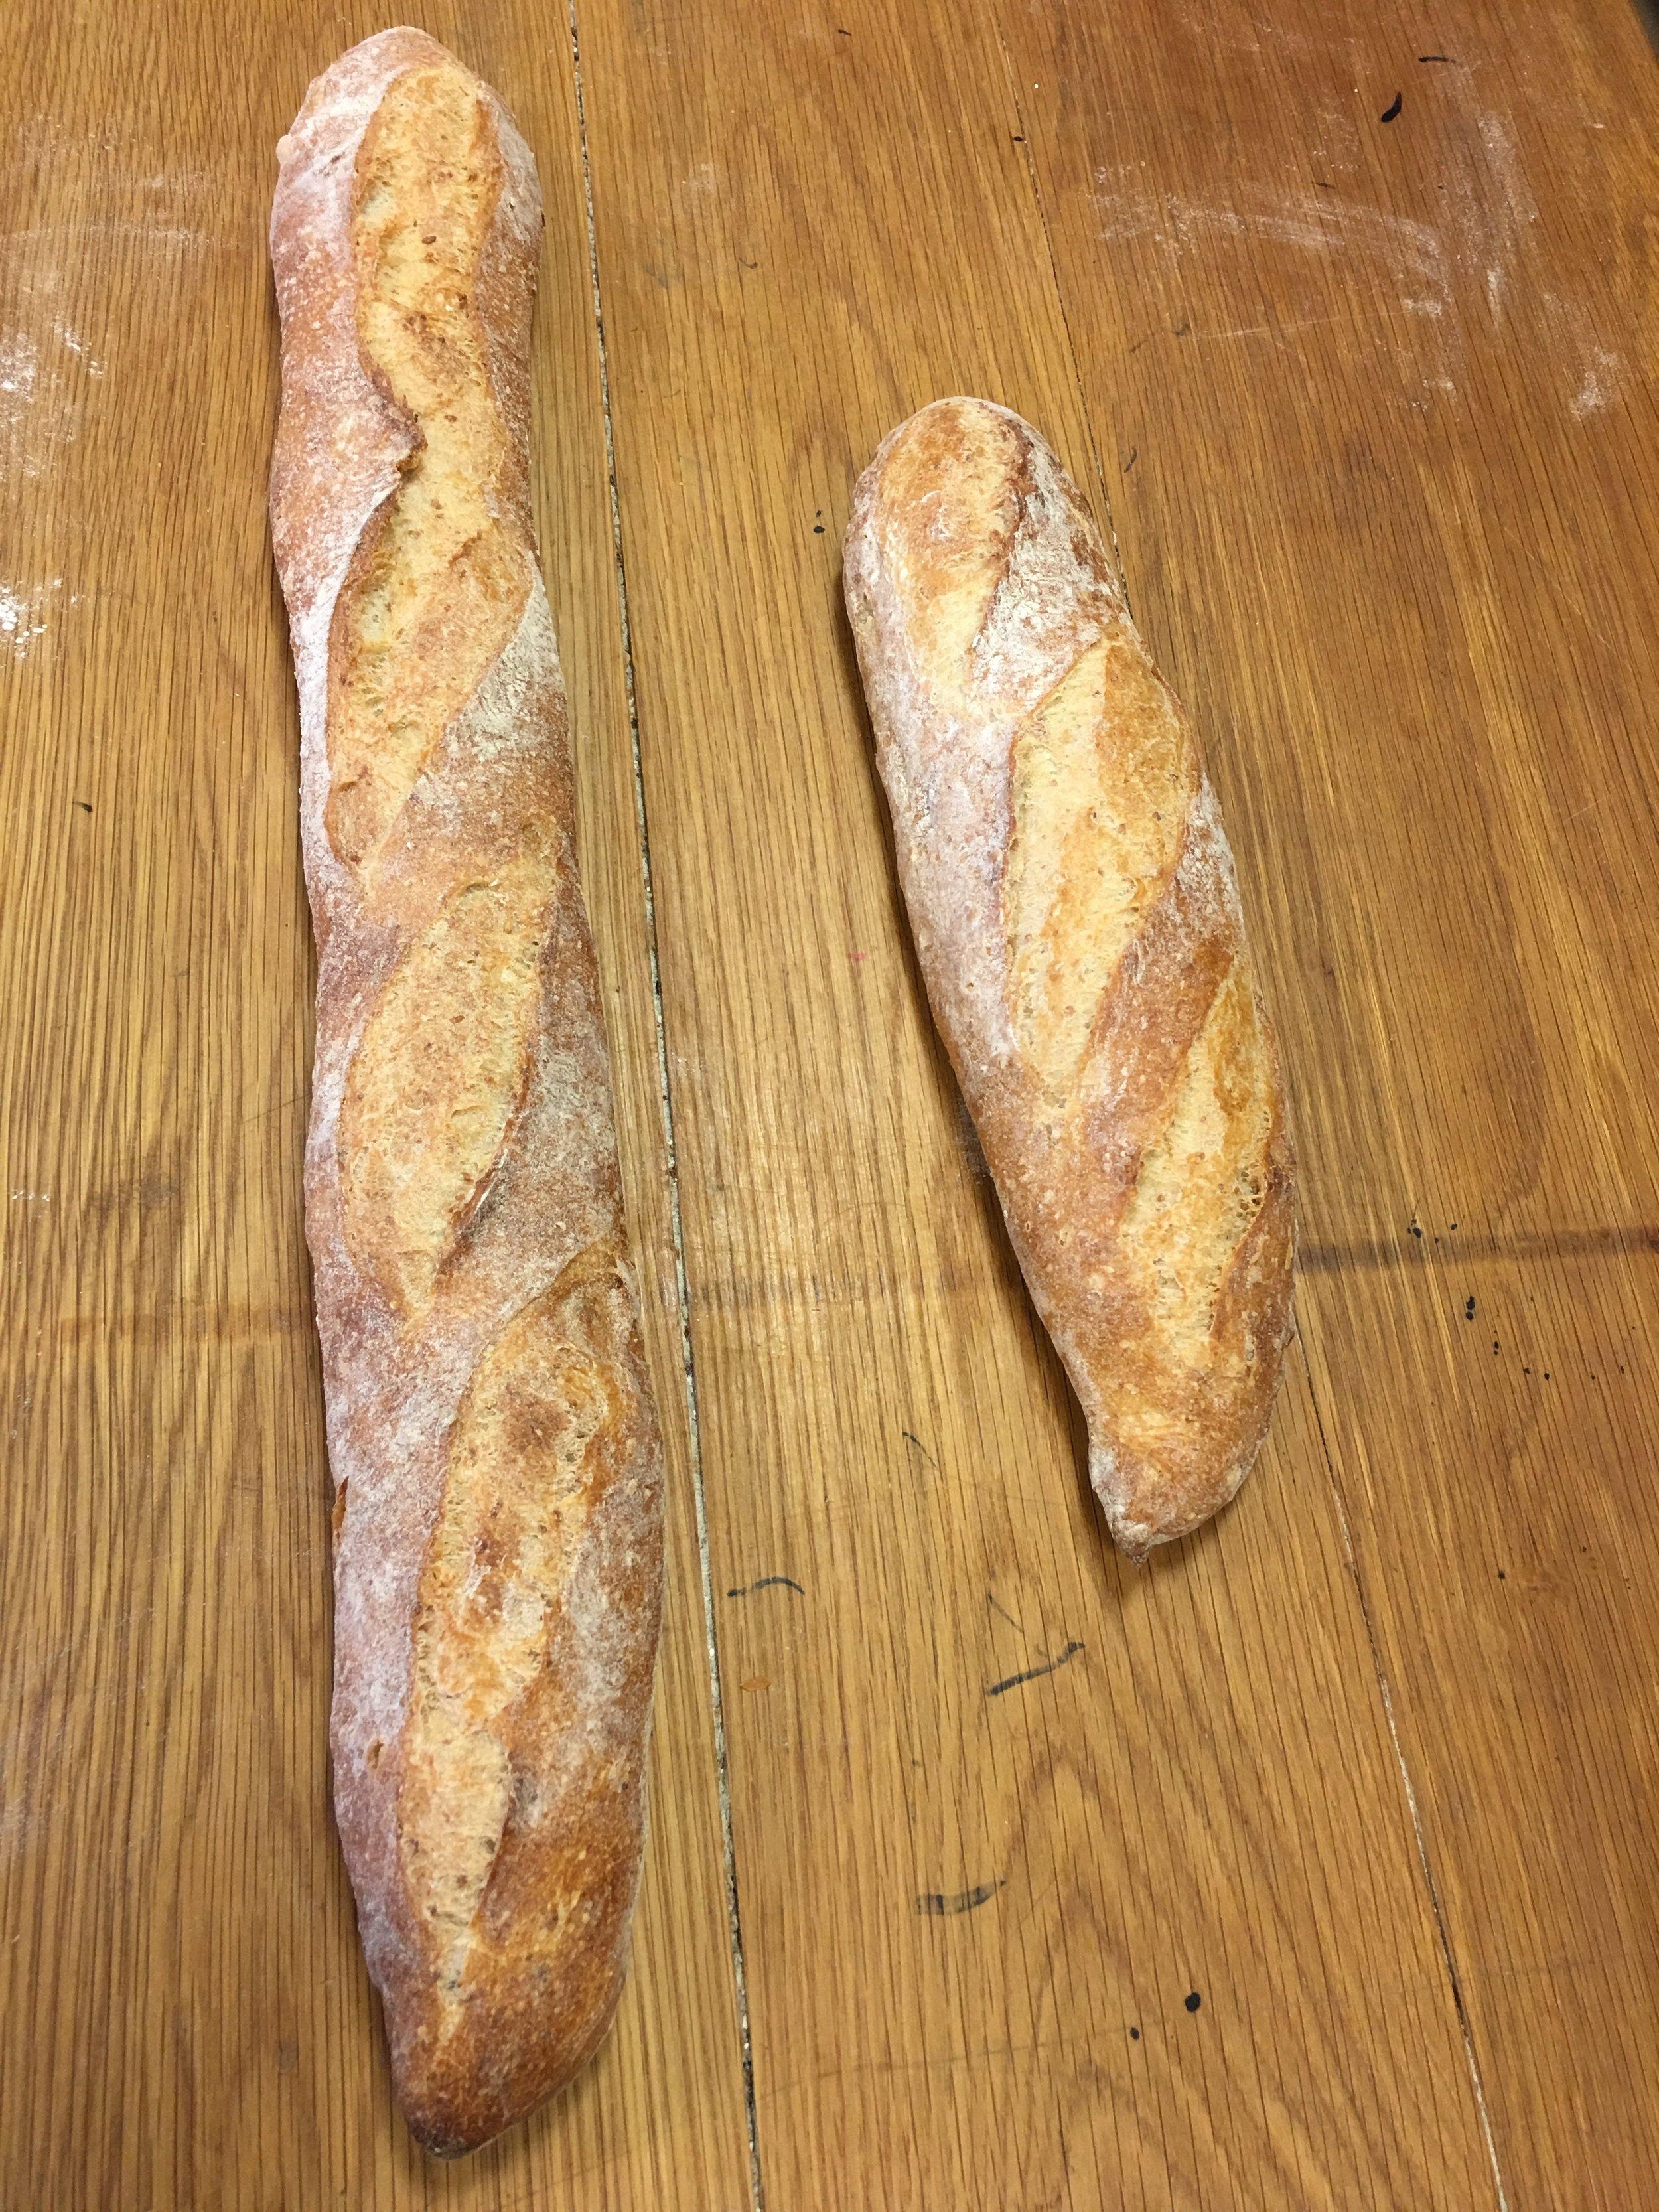 Full baguette vs. Demi baguette